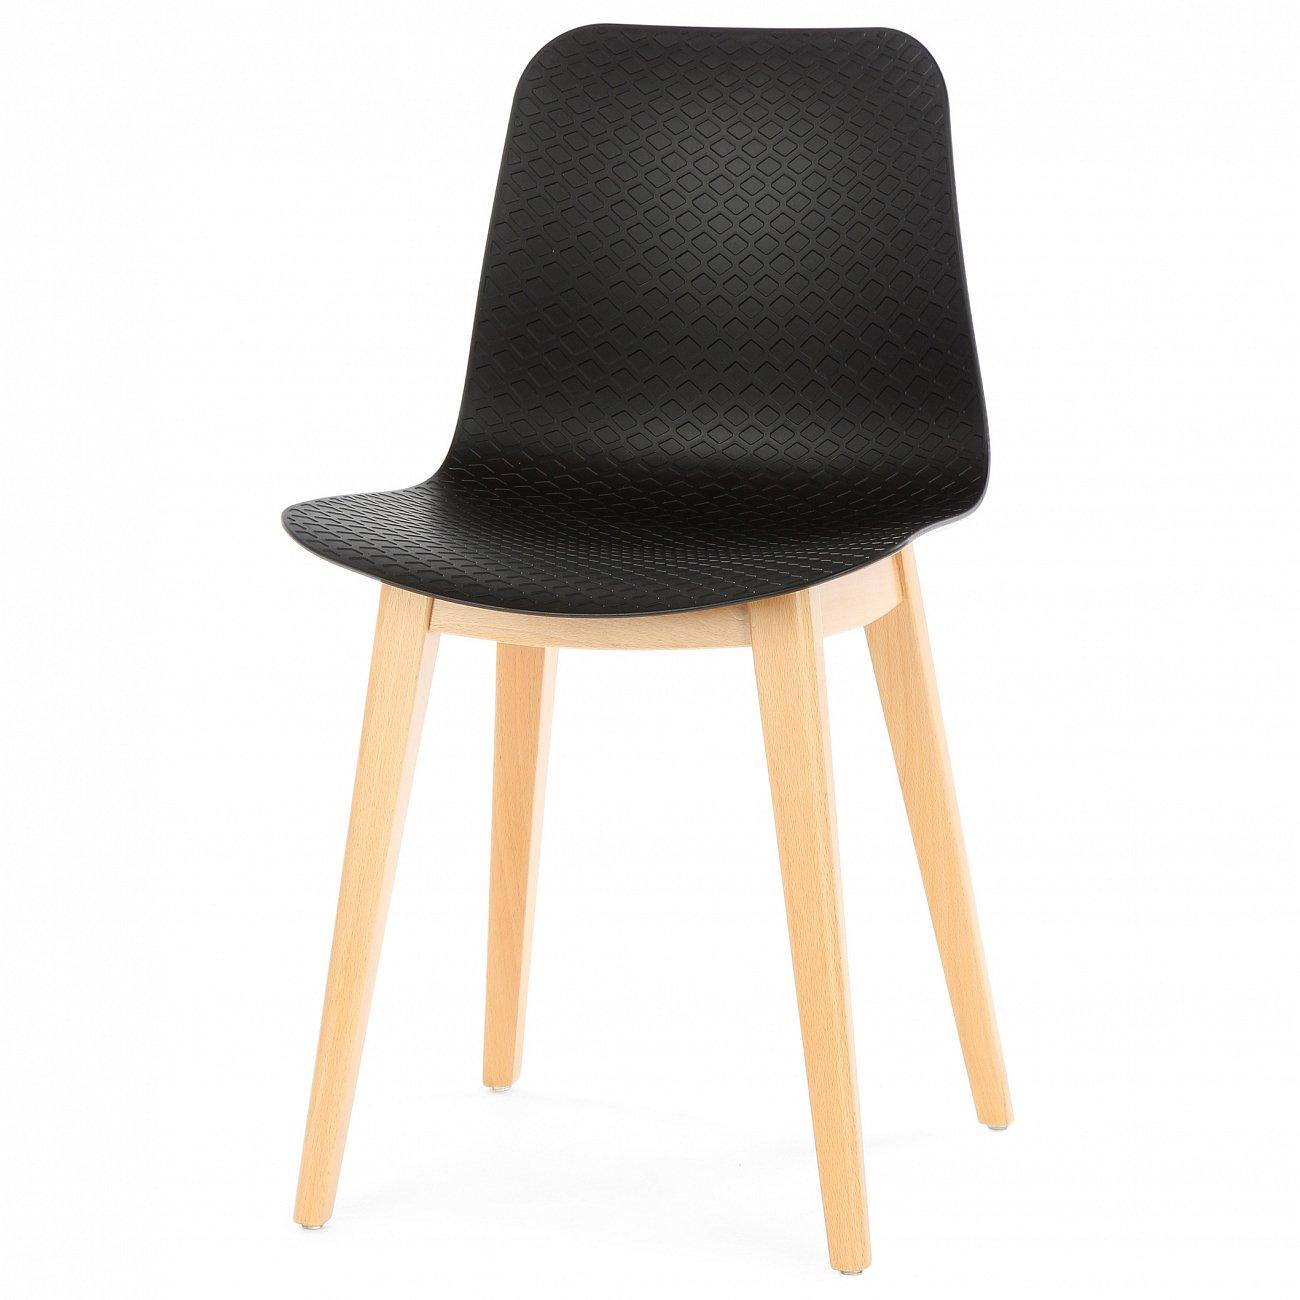 Купить Стул Thelma Чёрный в интернет магазине дизайнерской мебели и аксессуаров для дома и дачи